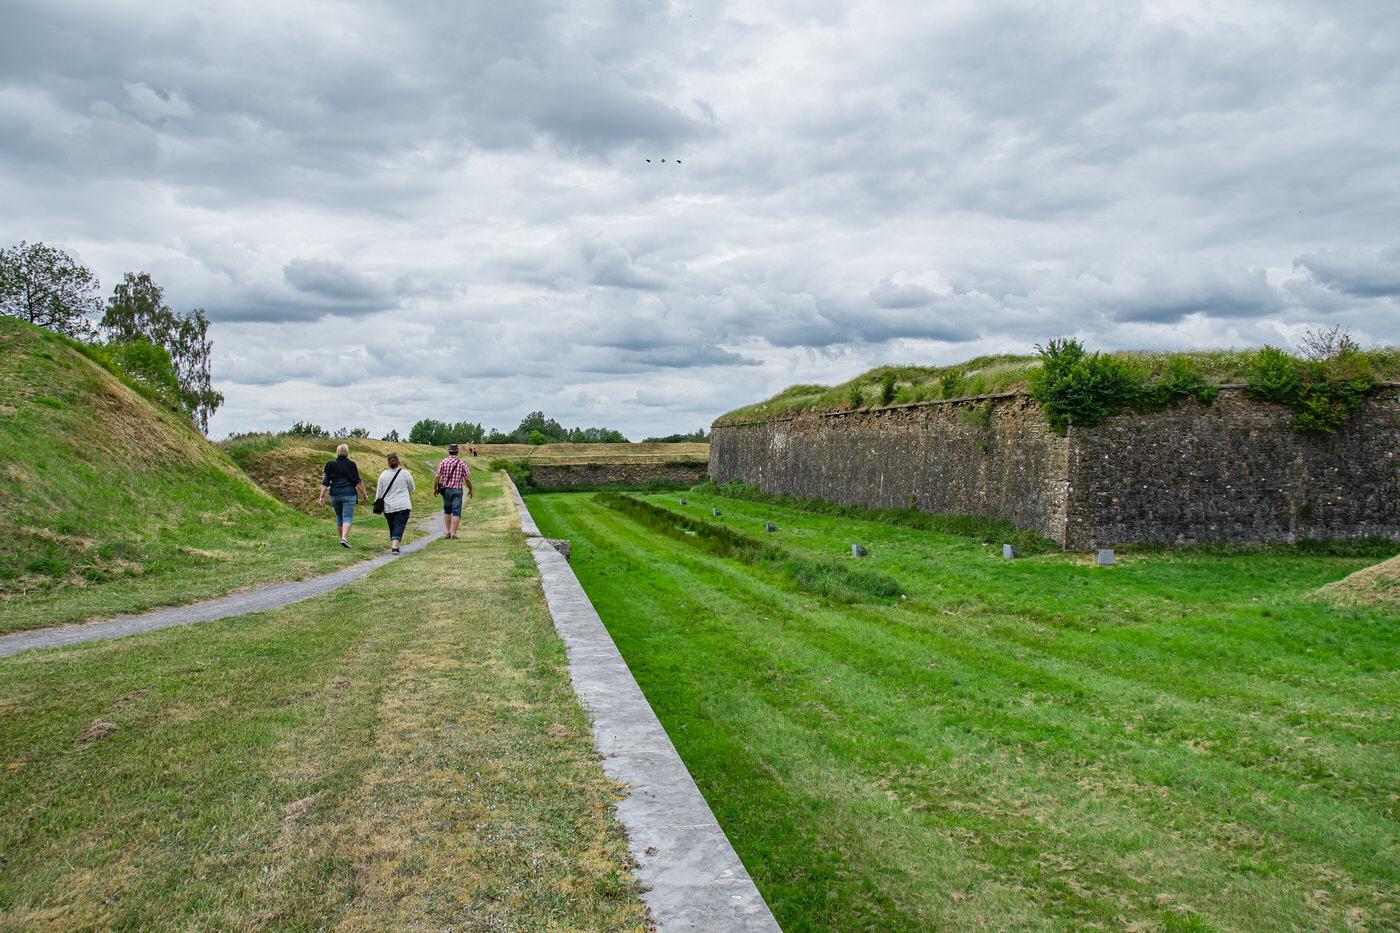 Chemin couvert avec au loin le bastion de Nevers